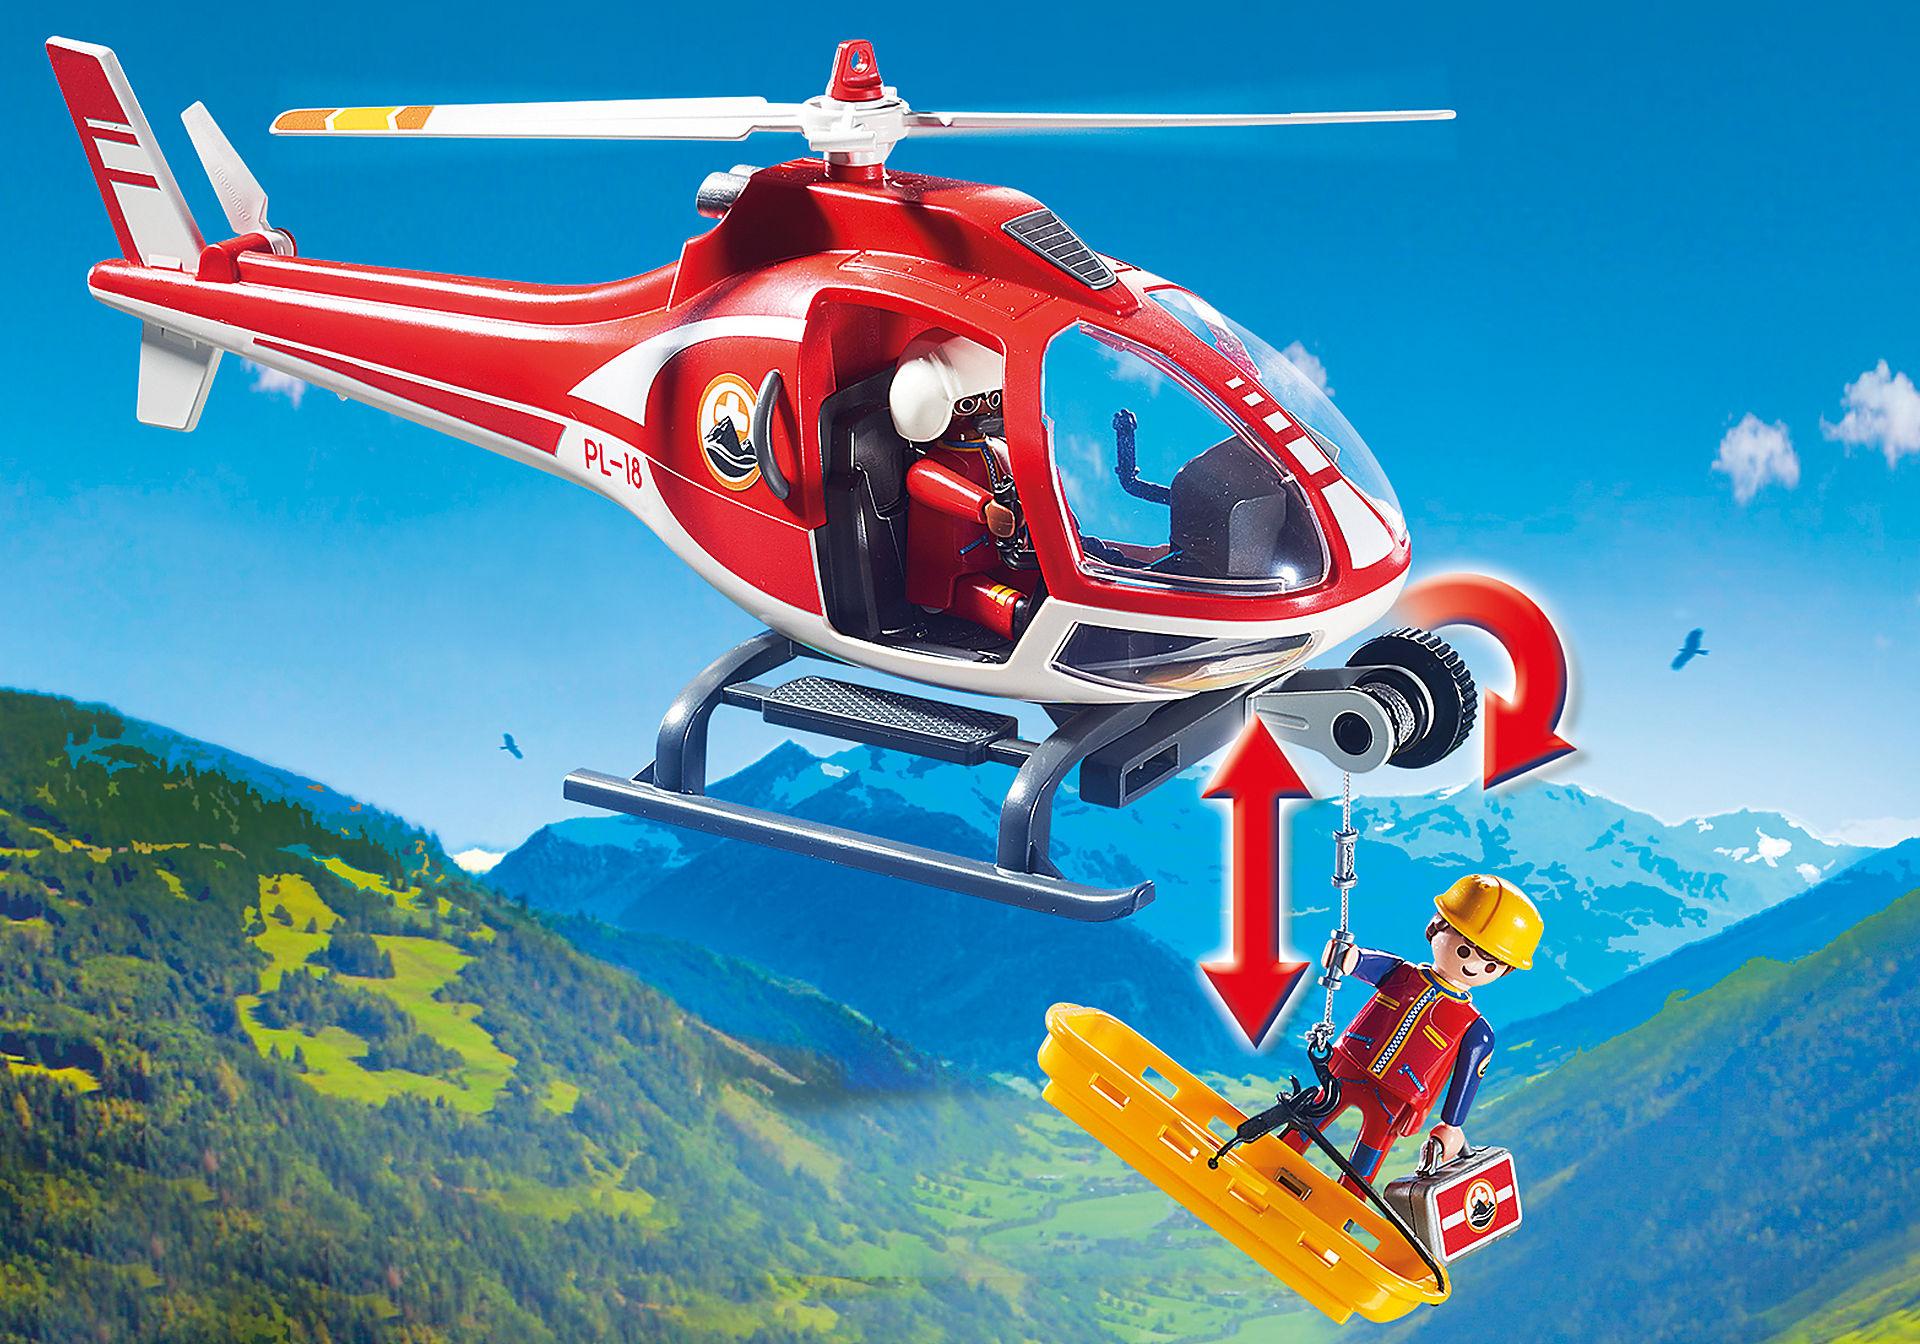 http://media.playmobil.com/i/playmobil/9127_product_extra1/Secouristes des montagnes avec hélicoptère